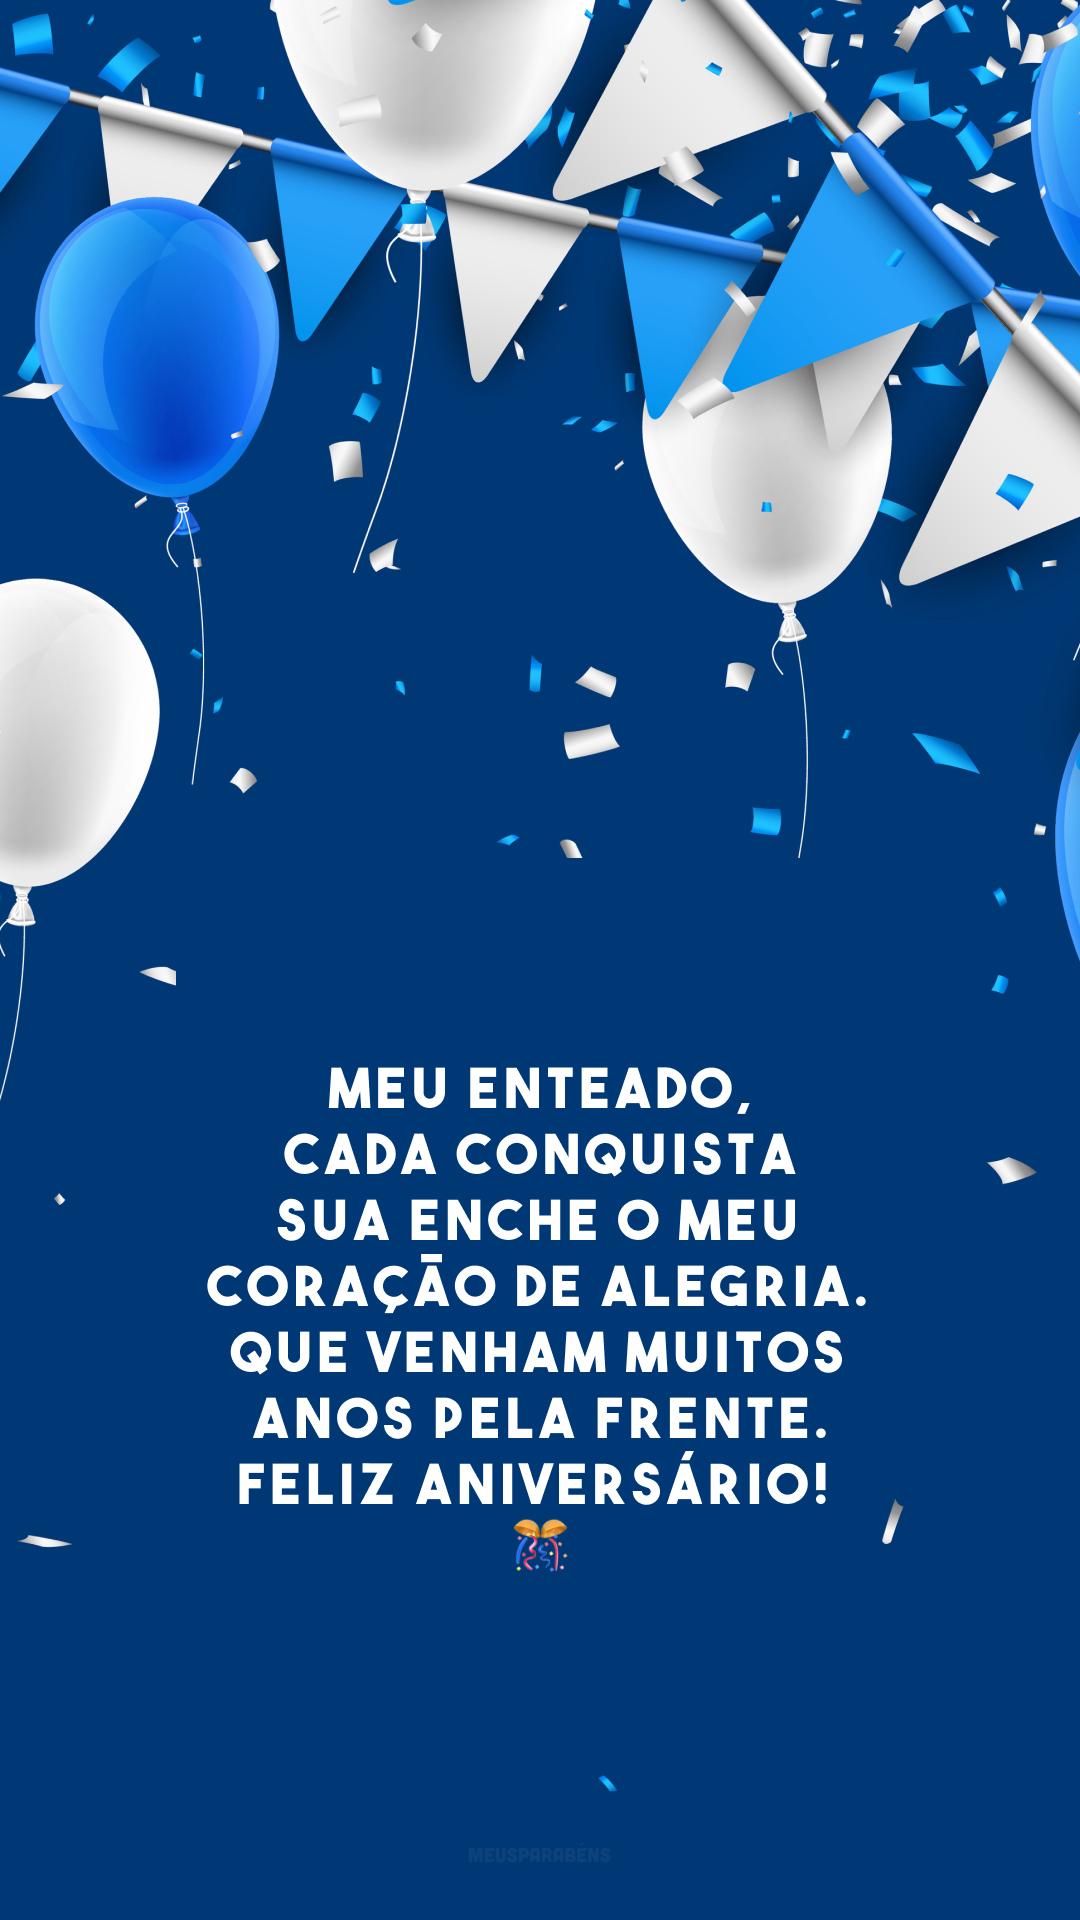 Meu enteado, cada conquista sua enche o meu coração de alegria. Que venham muitos anos pela frente. Feliz aniversário!  🎊